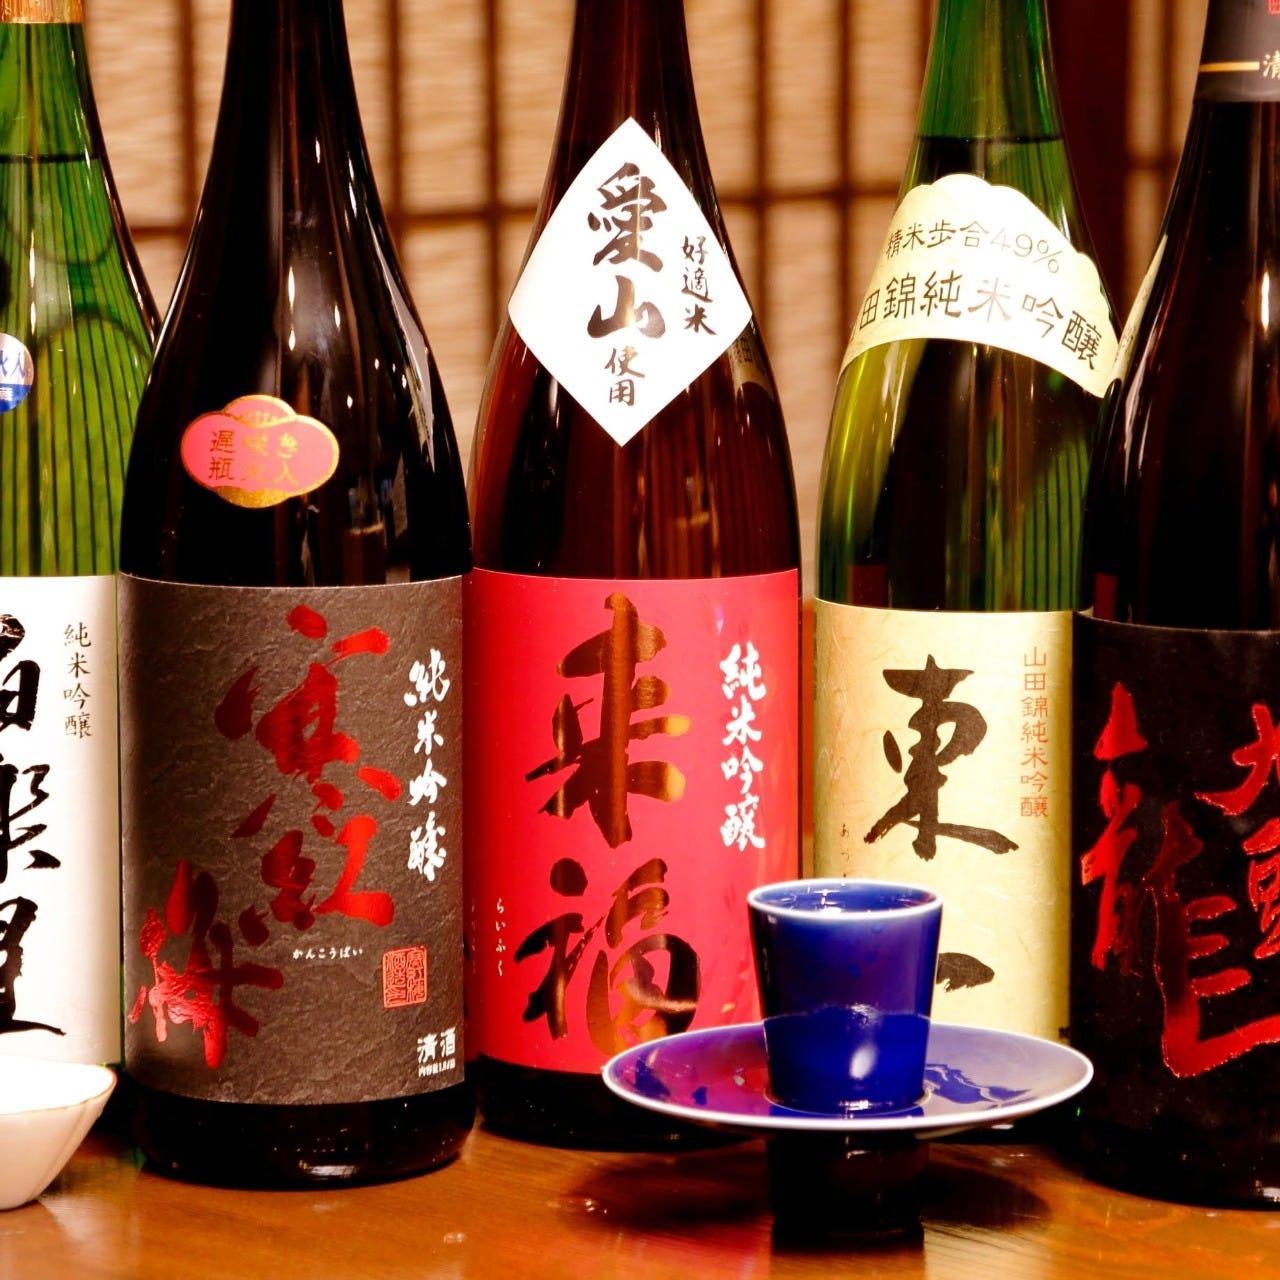 井上酒店厳選の日本酒